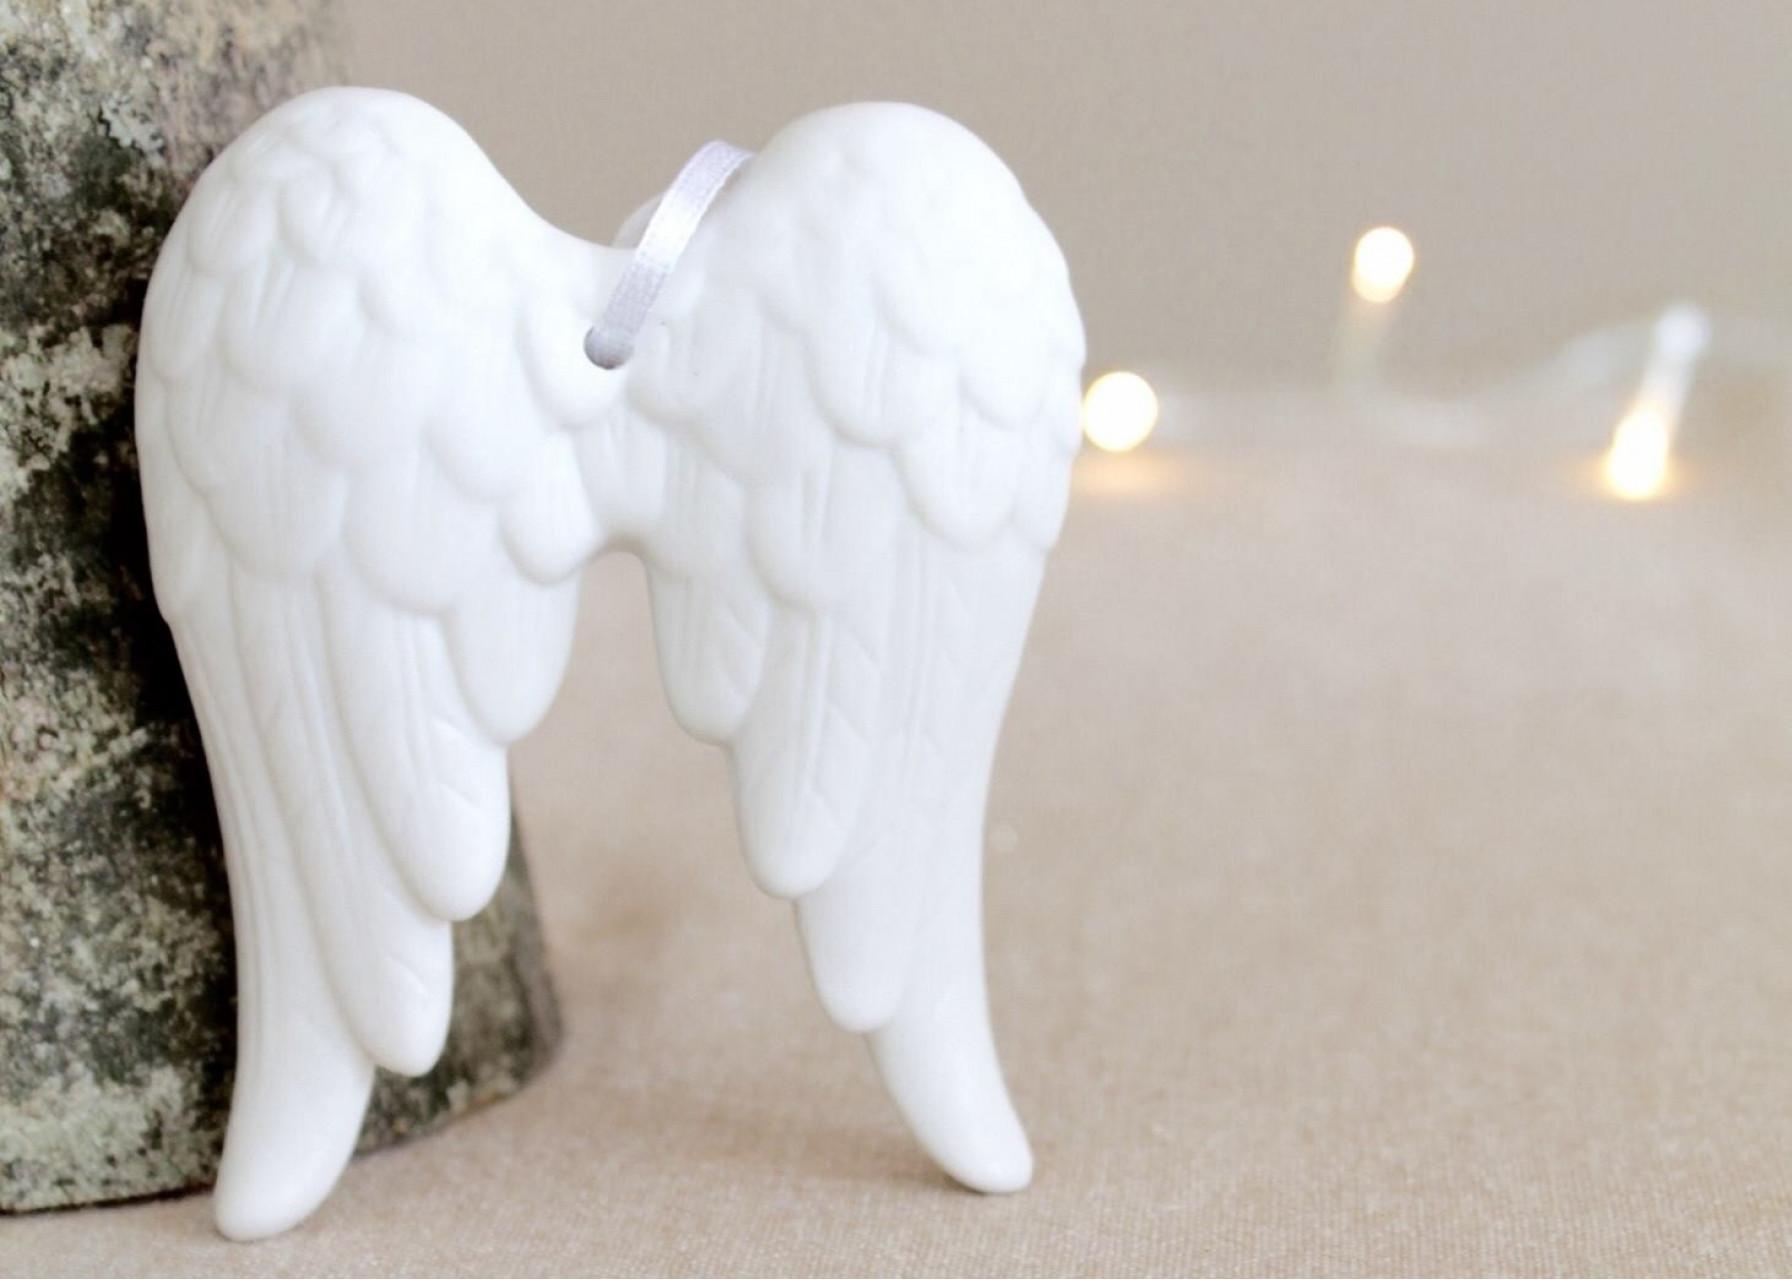 Κεραμικό στολίδι / Φτερά αγγέλου